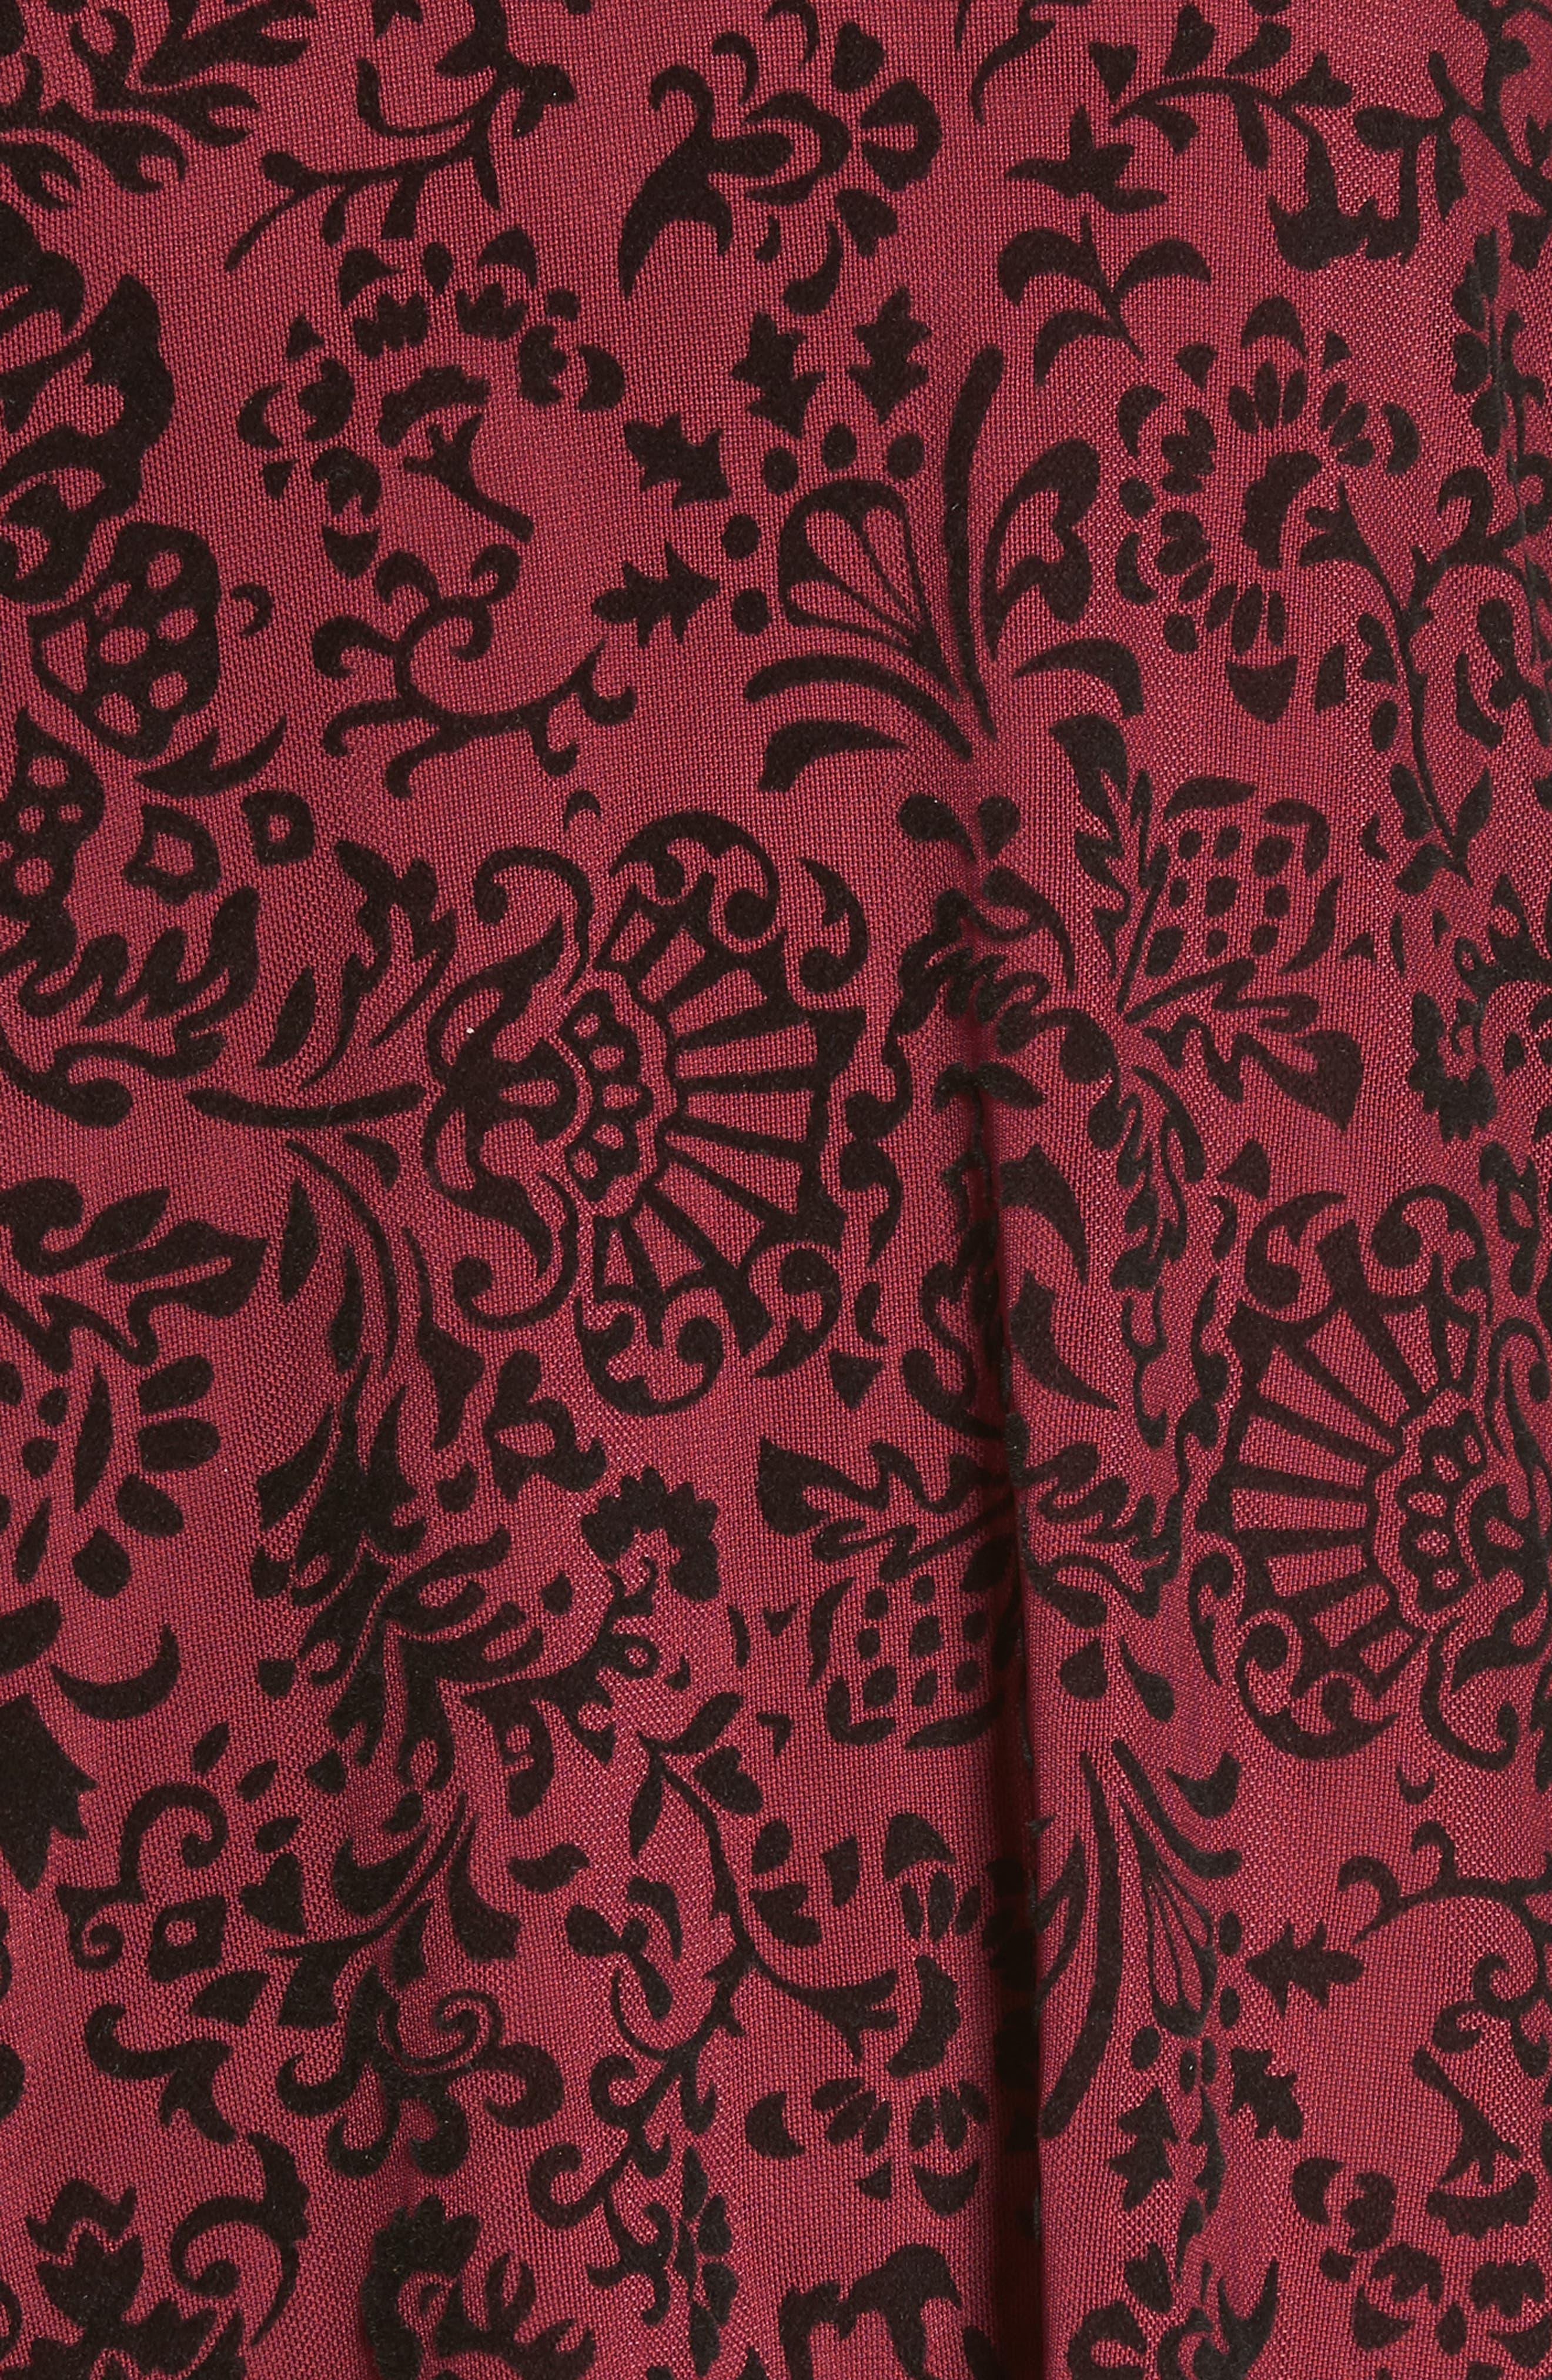 Velvet Detail Minidress,                             Alternate thumbnail 5, color,                             Burgundy/ Black